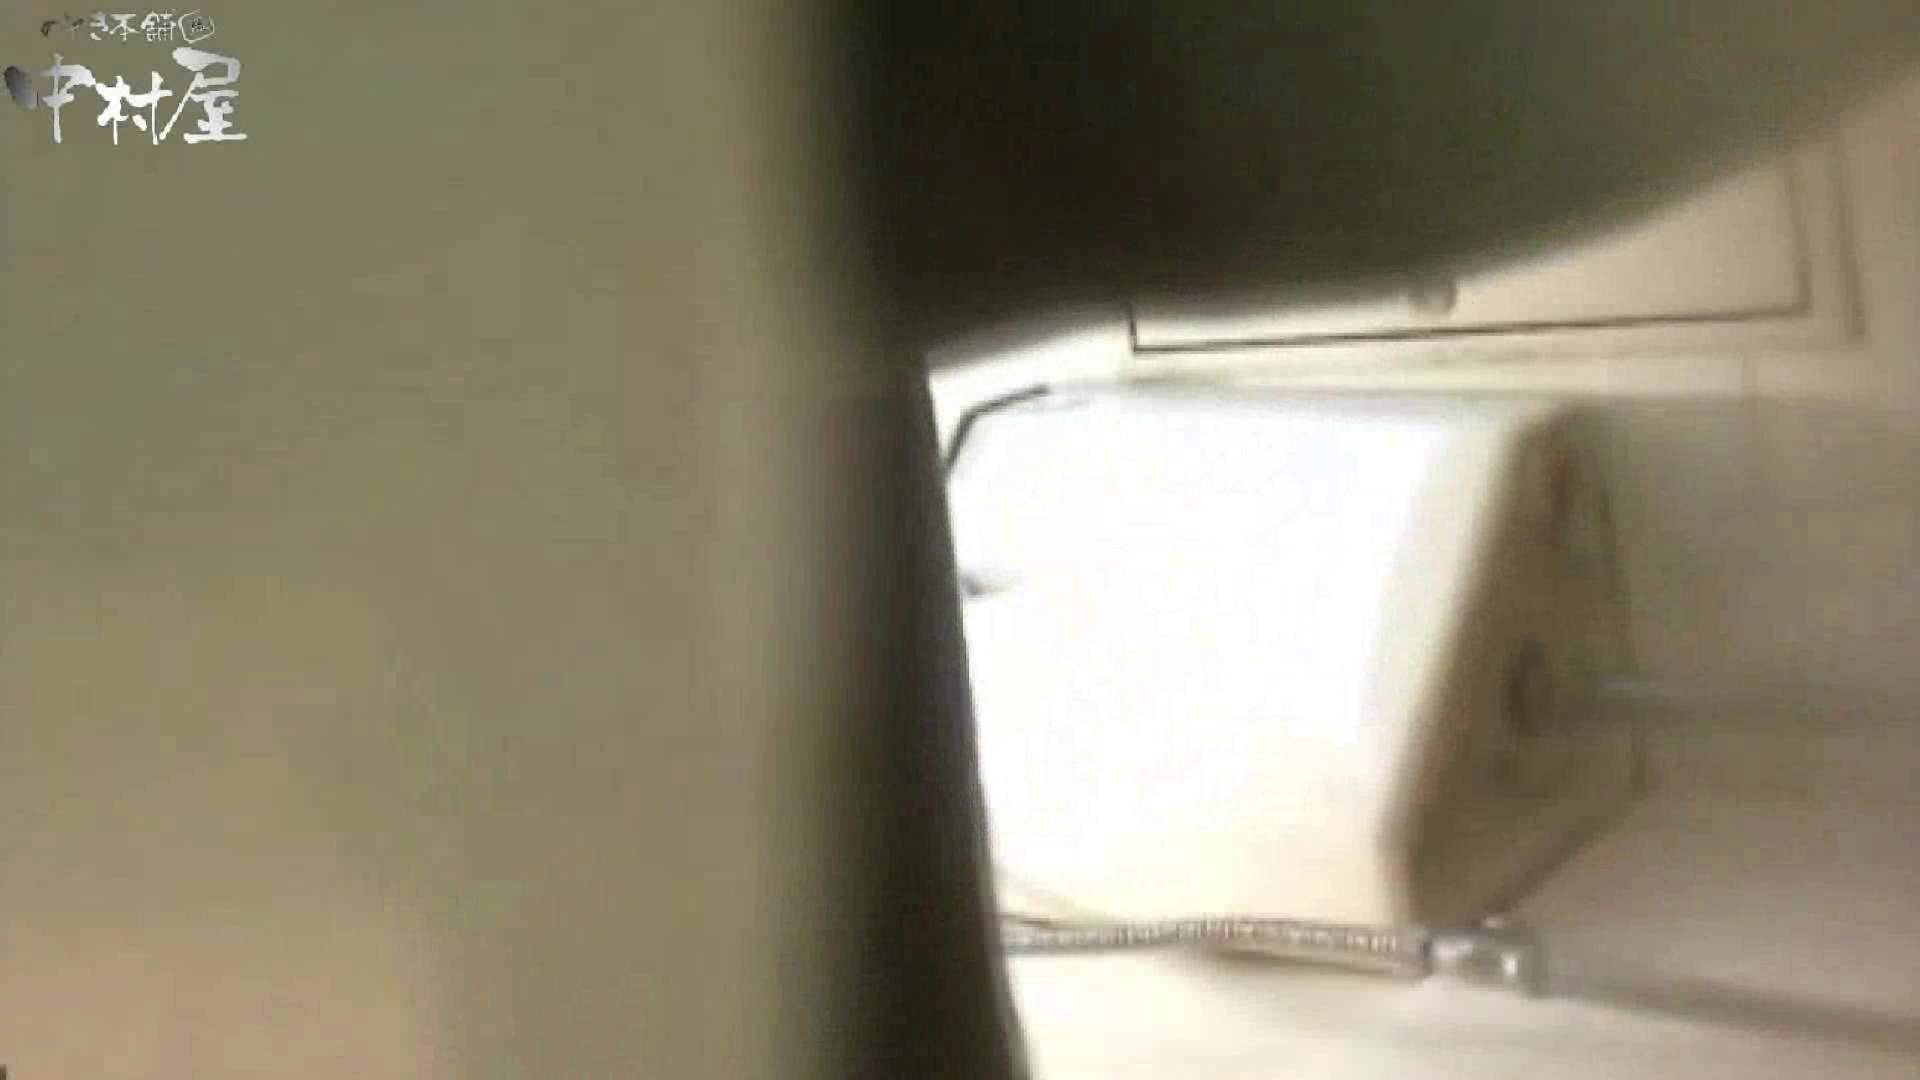 解禁!海の家4カメ洗面所vol.20 人気シリーズ | 美しいOLの裸体  89pic 21